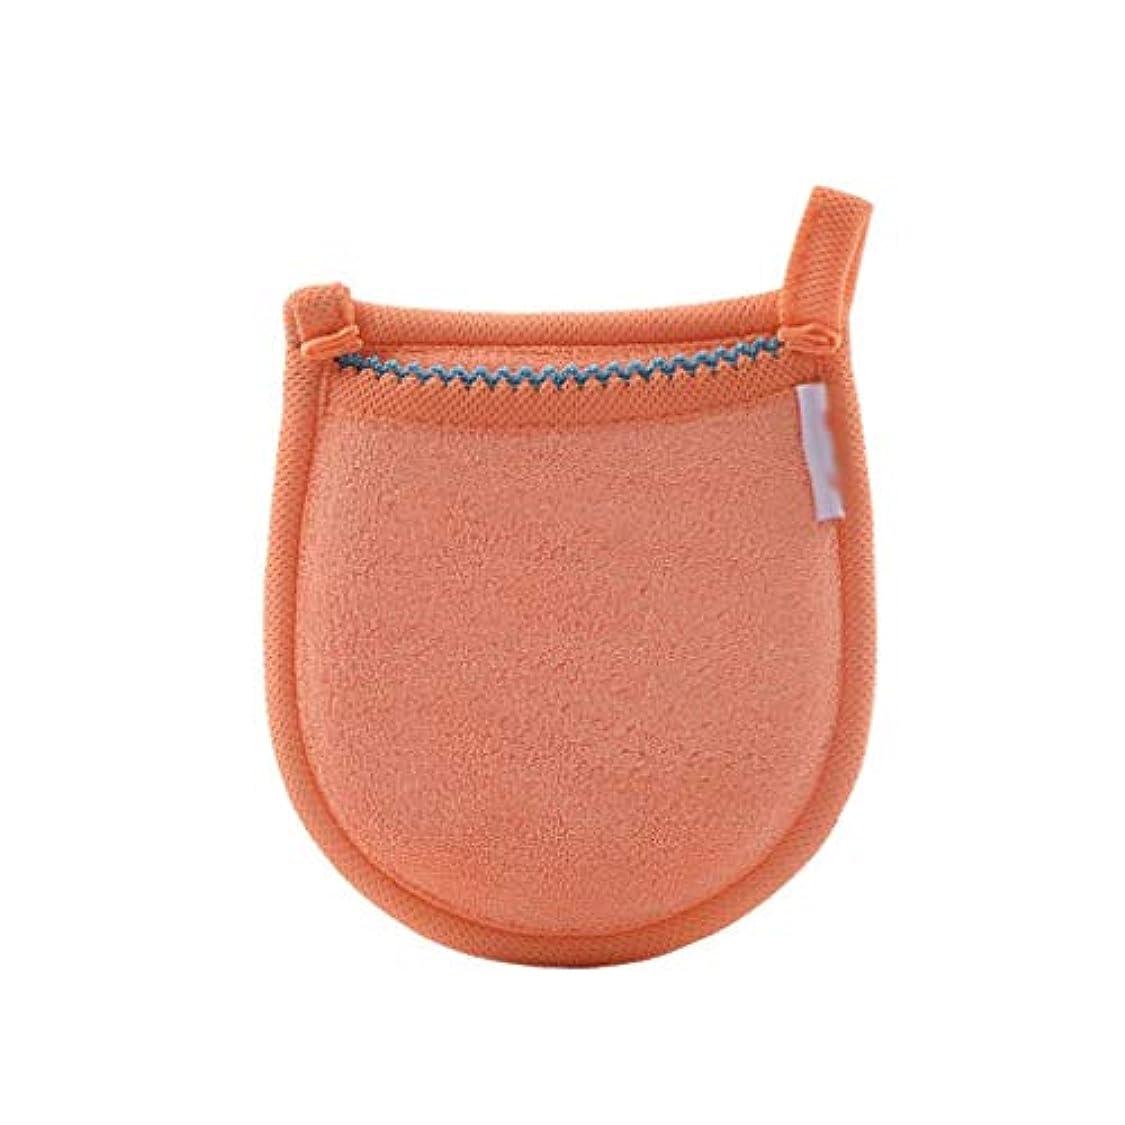 去る月曜動機付ける1ピースフェイシャル竹炭スポンジフェイスメイク落とし美容再利用可能なフェイスタオルクリーニンググローブ洗濯メイクアップツール (Color : Orange)